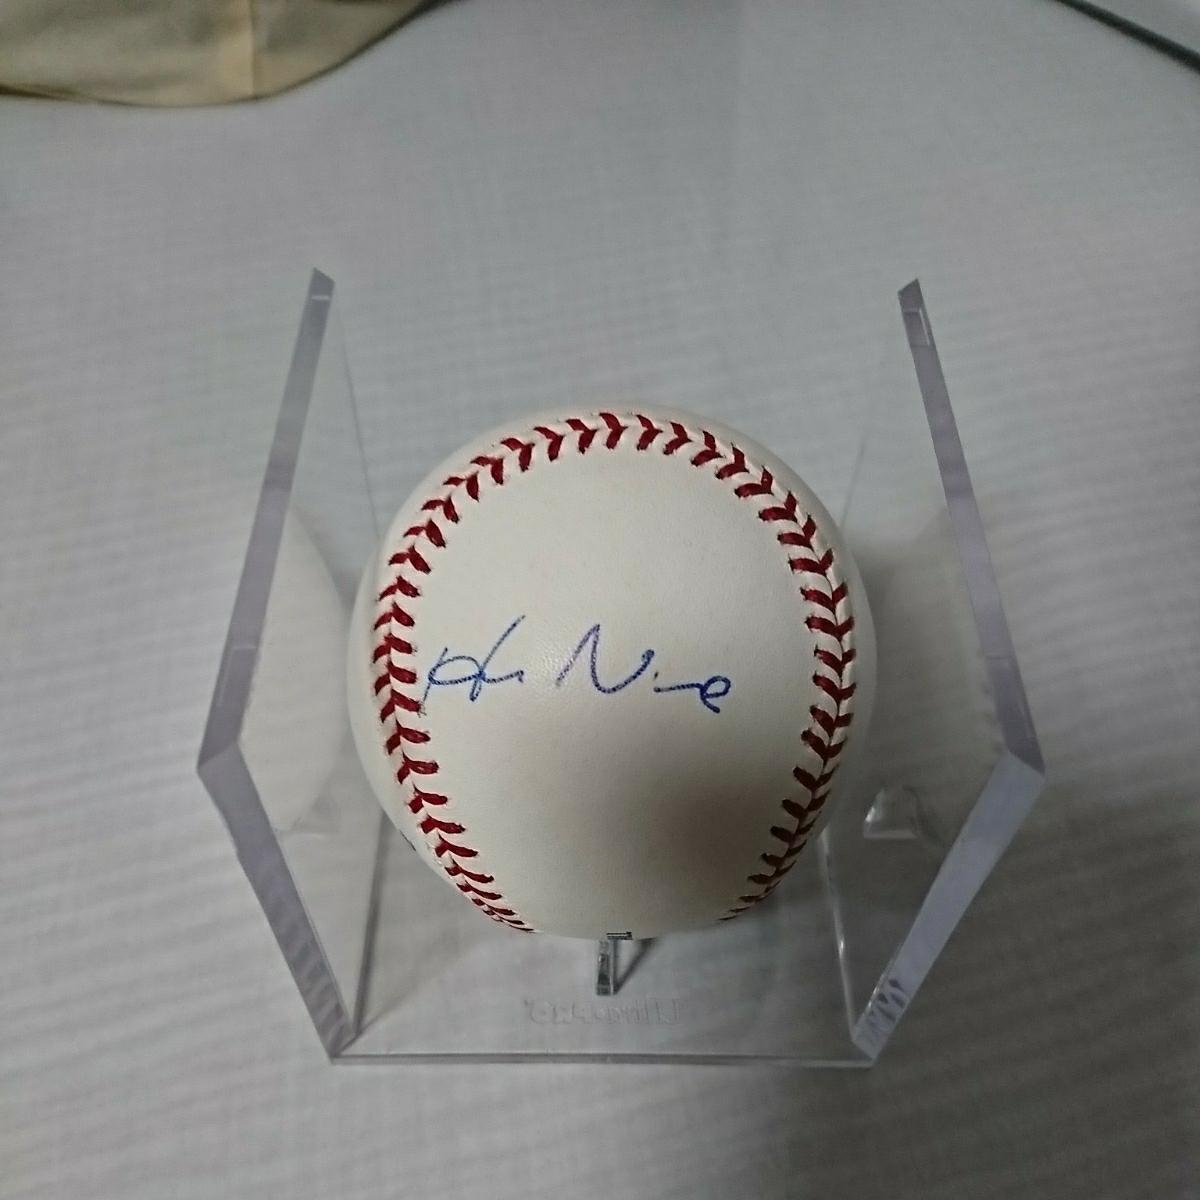 ドジャース 野茂英雄さん 直筆サインボール MLB公式球 グッズの画像